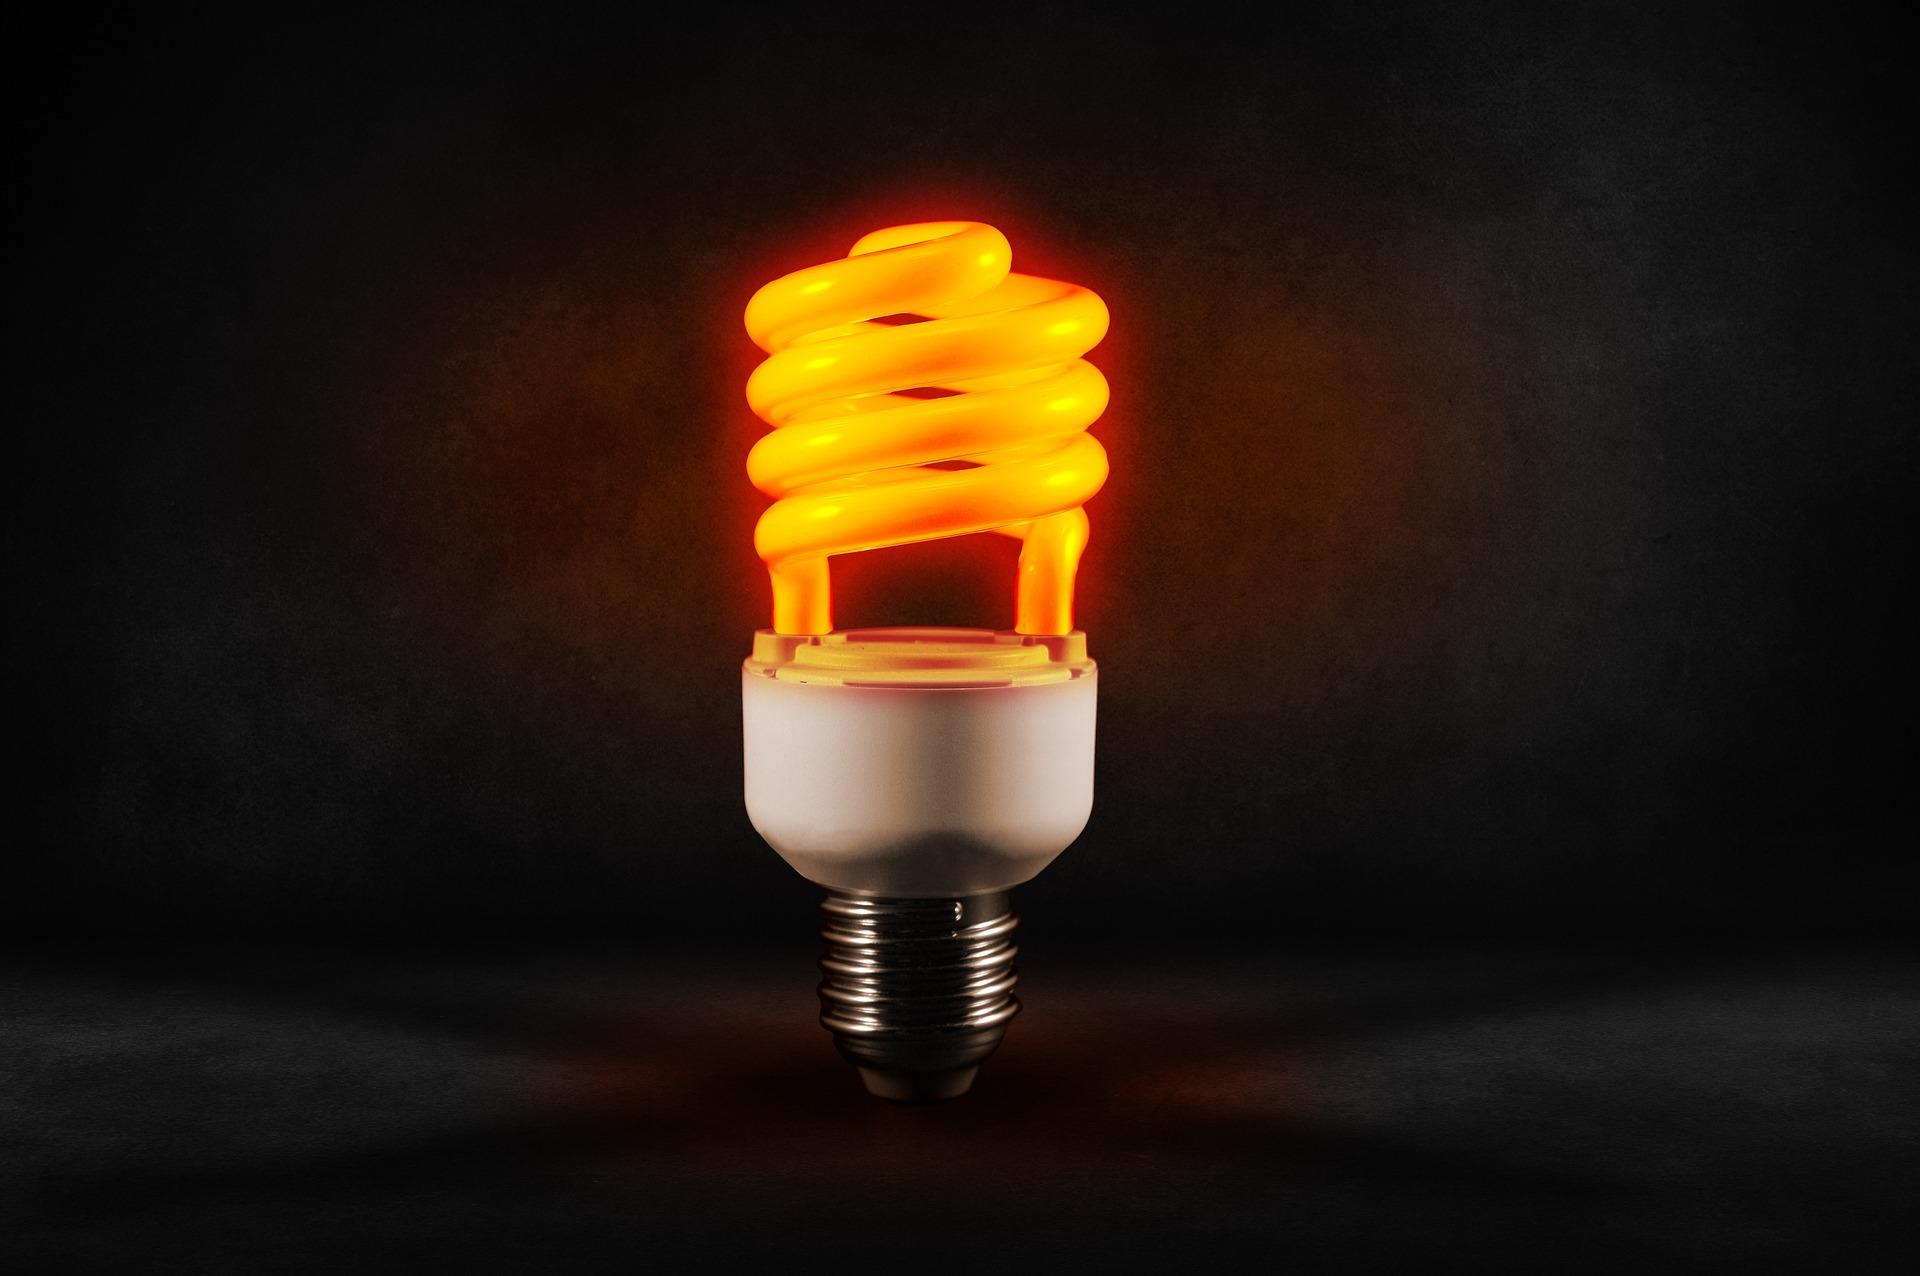 ٢٠ نصيحة لتوفير الطاقة في منزلك على مدار العام